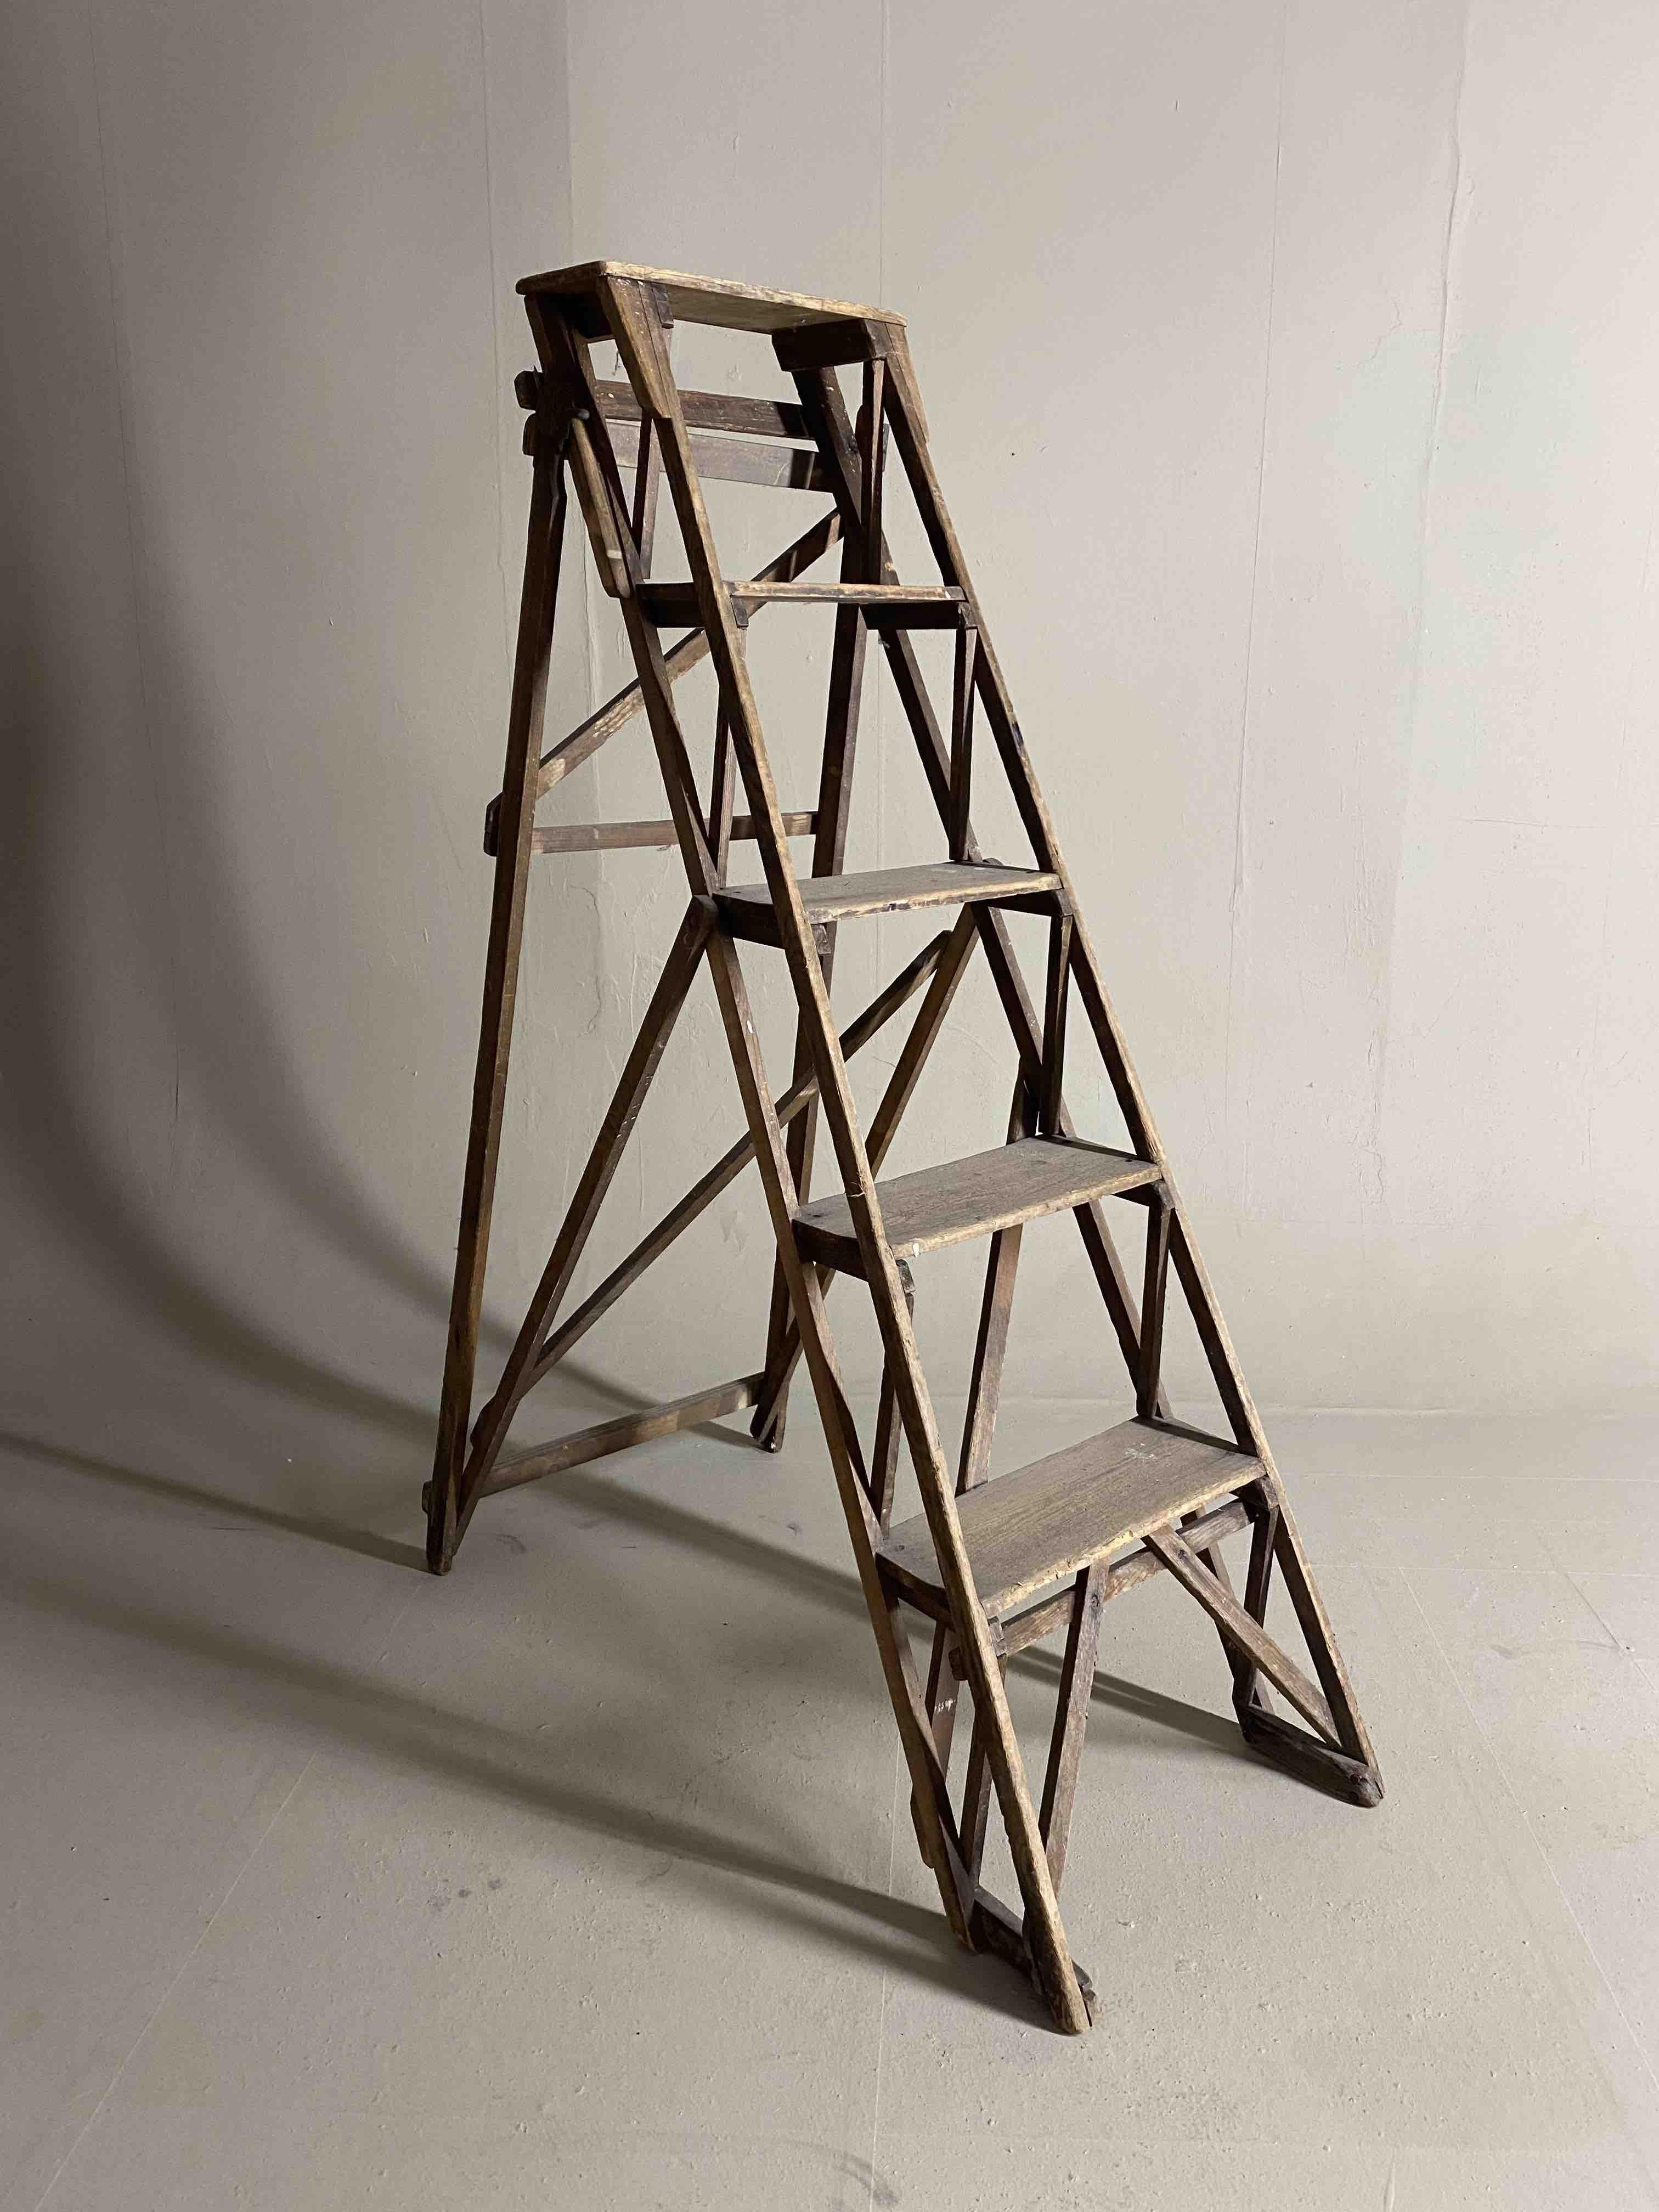 Stepladder wooden